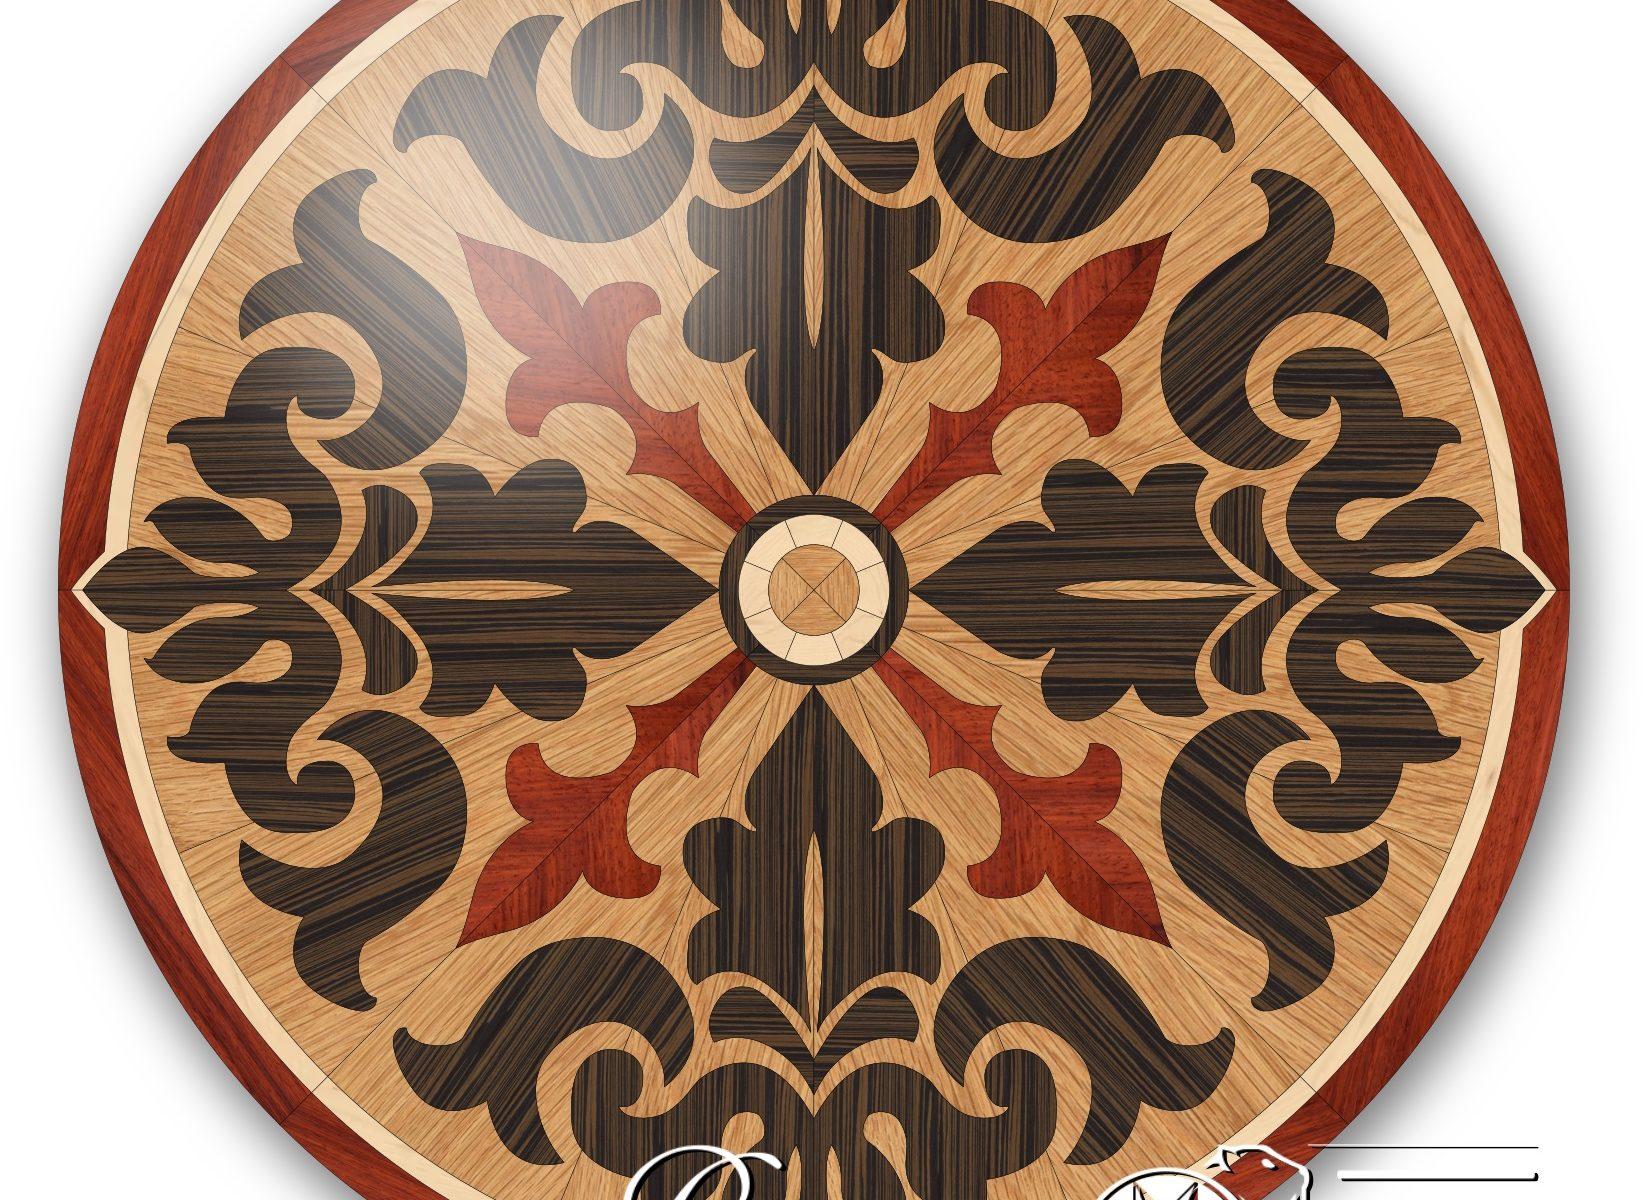 Decorative wooden tile